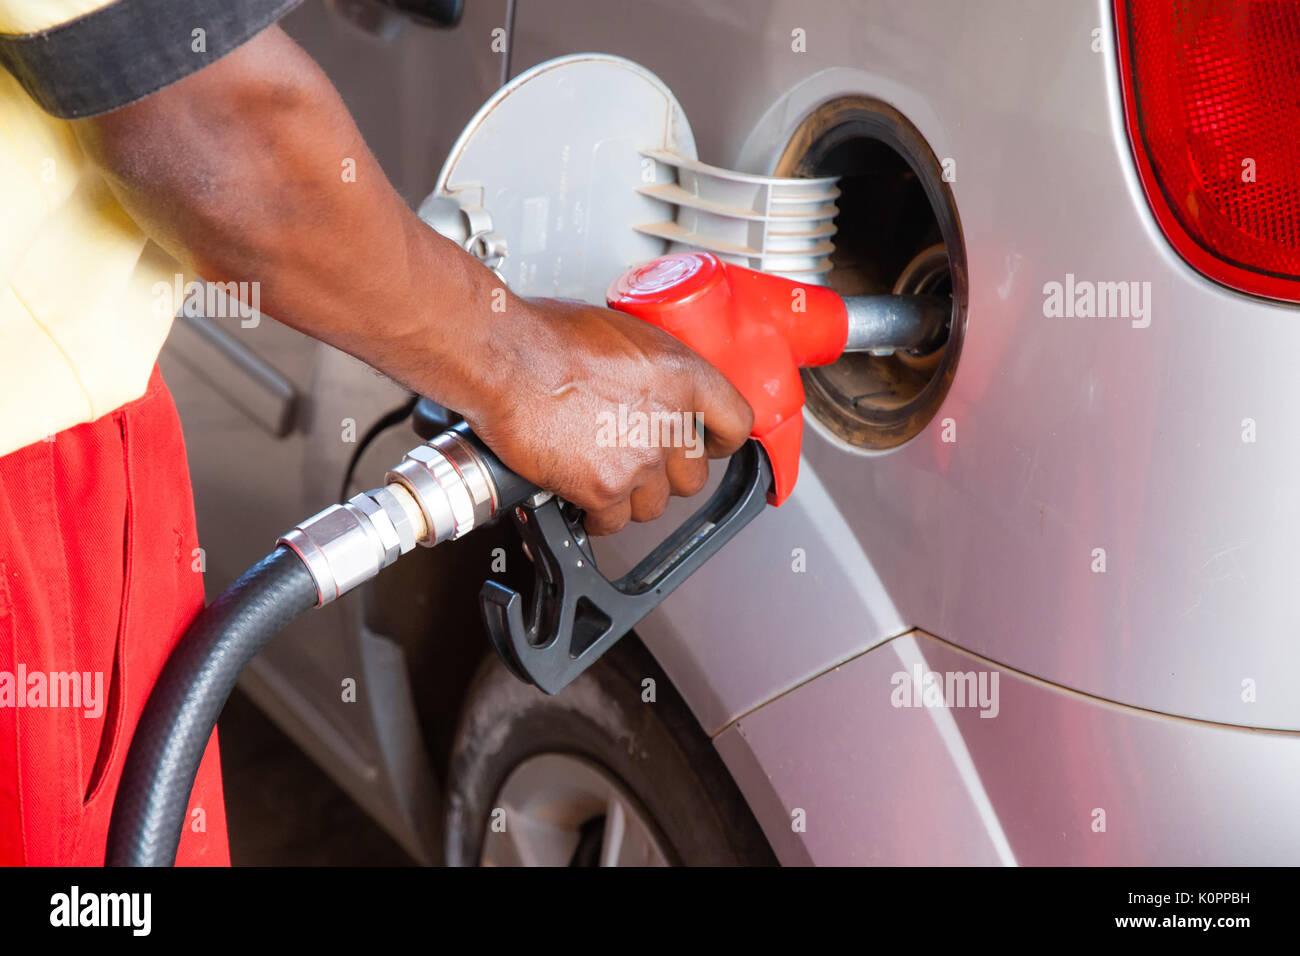 Il rifornimento di carburante per auto presso la stazione di benzina. Concetto di immagine per l'uso di combustibili fossili (benzina, diesel) nei motori a combustione e ambientali ed occupazionali Immagini Stock